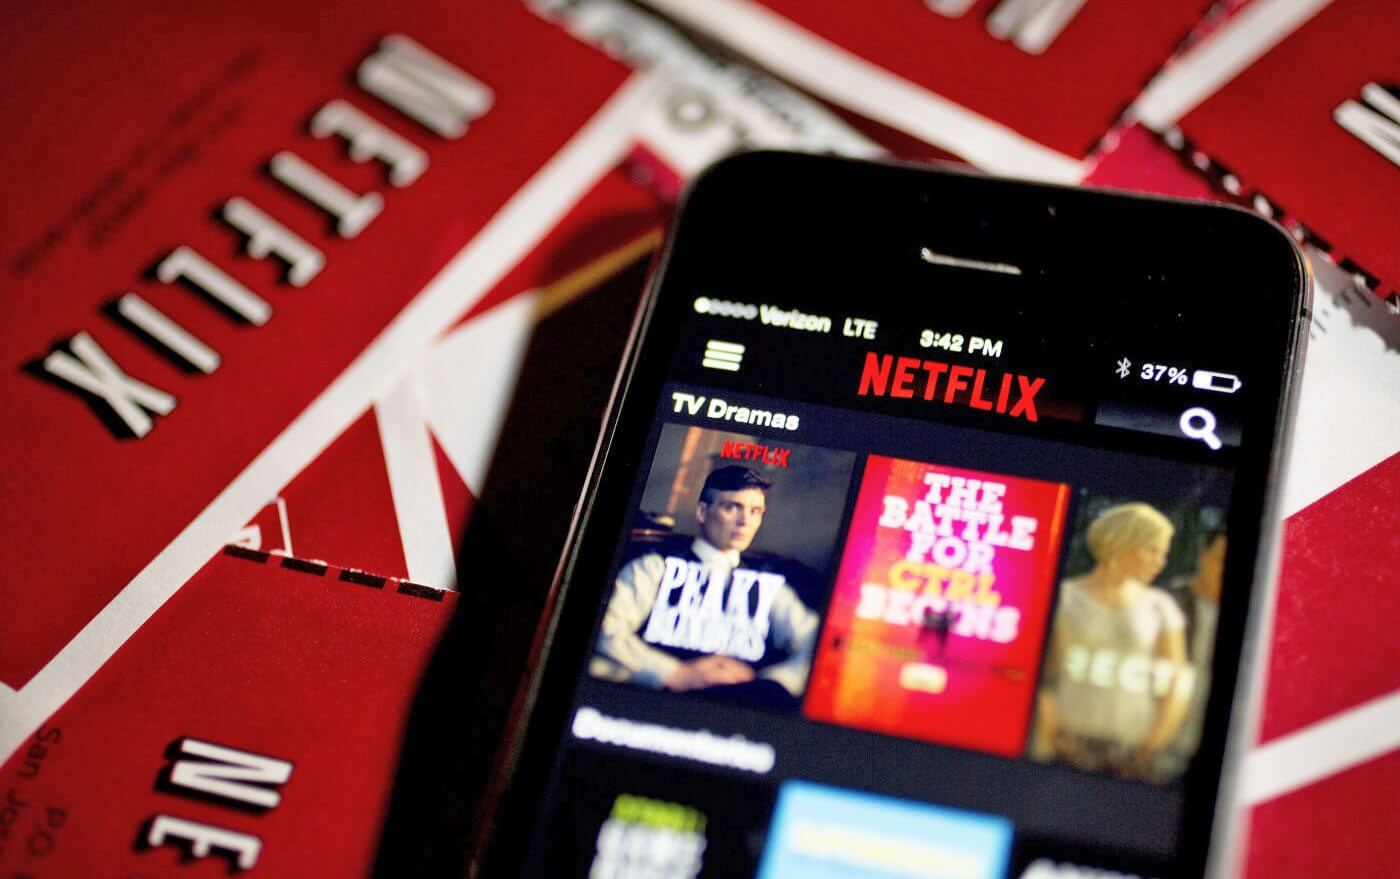 469717432 ed - Netflix vai ganhar o seu próprio botão de curtir/descurtir e isso é melhor do que você pensa